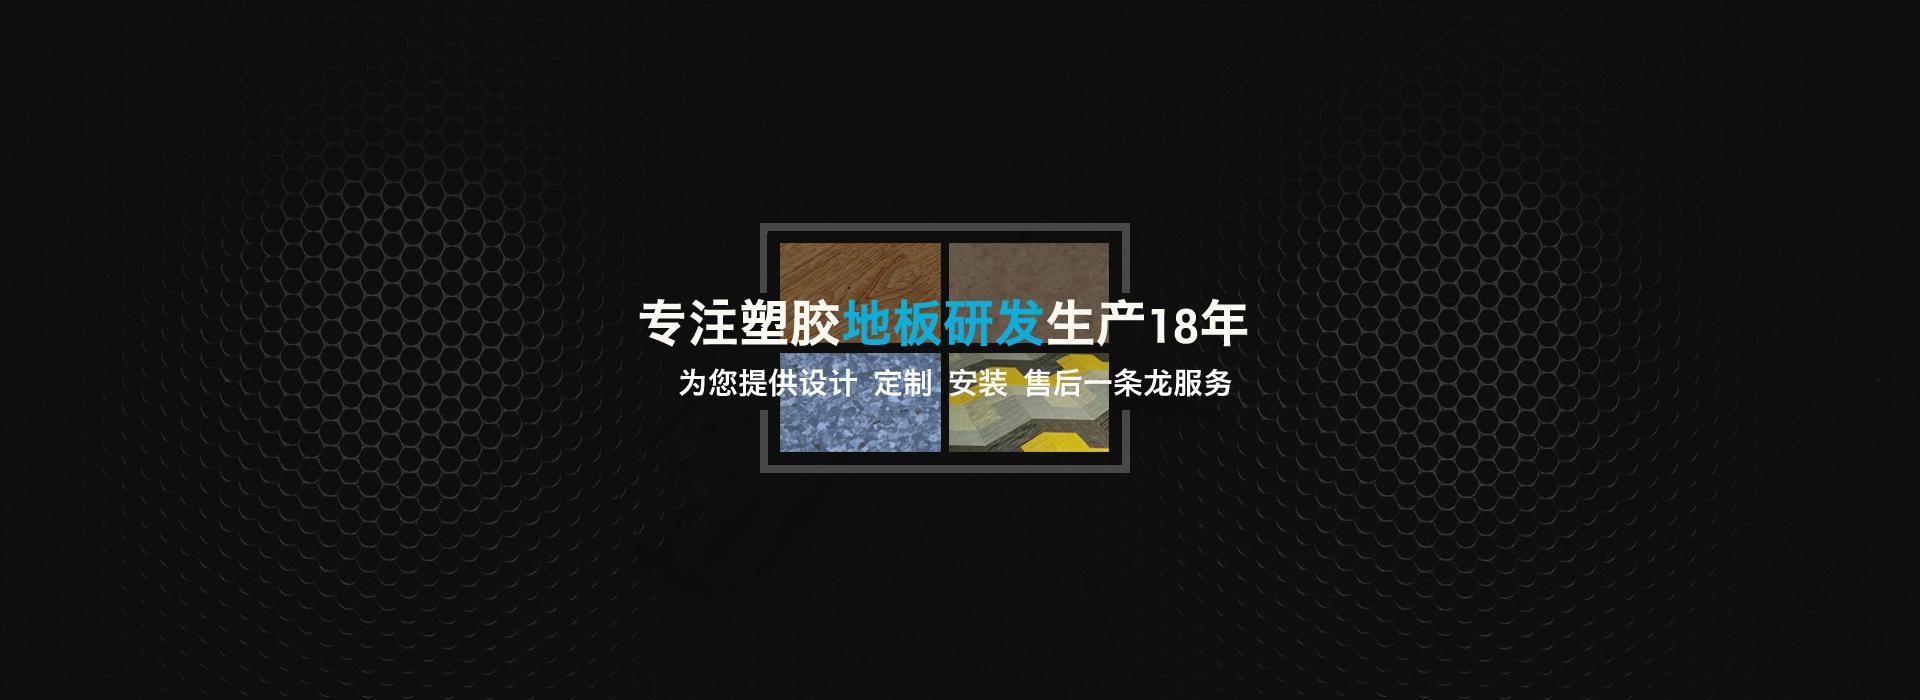 塑料地板生产